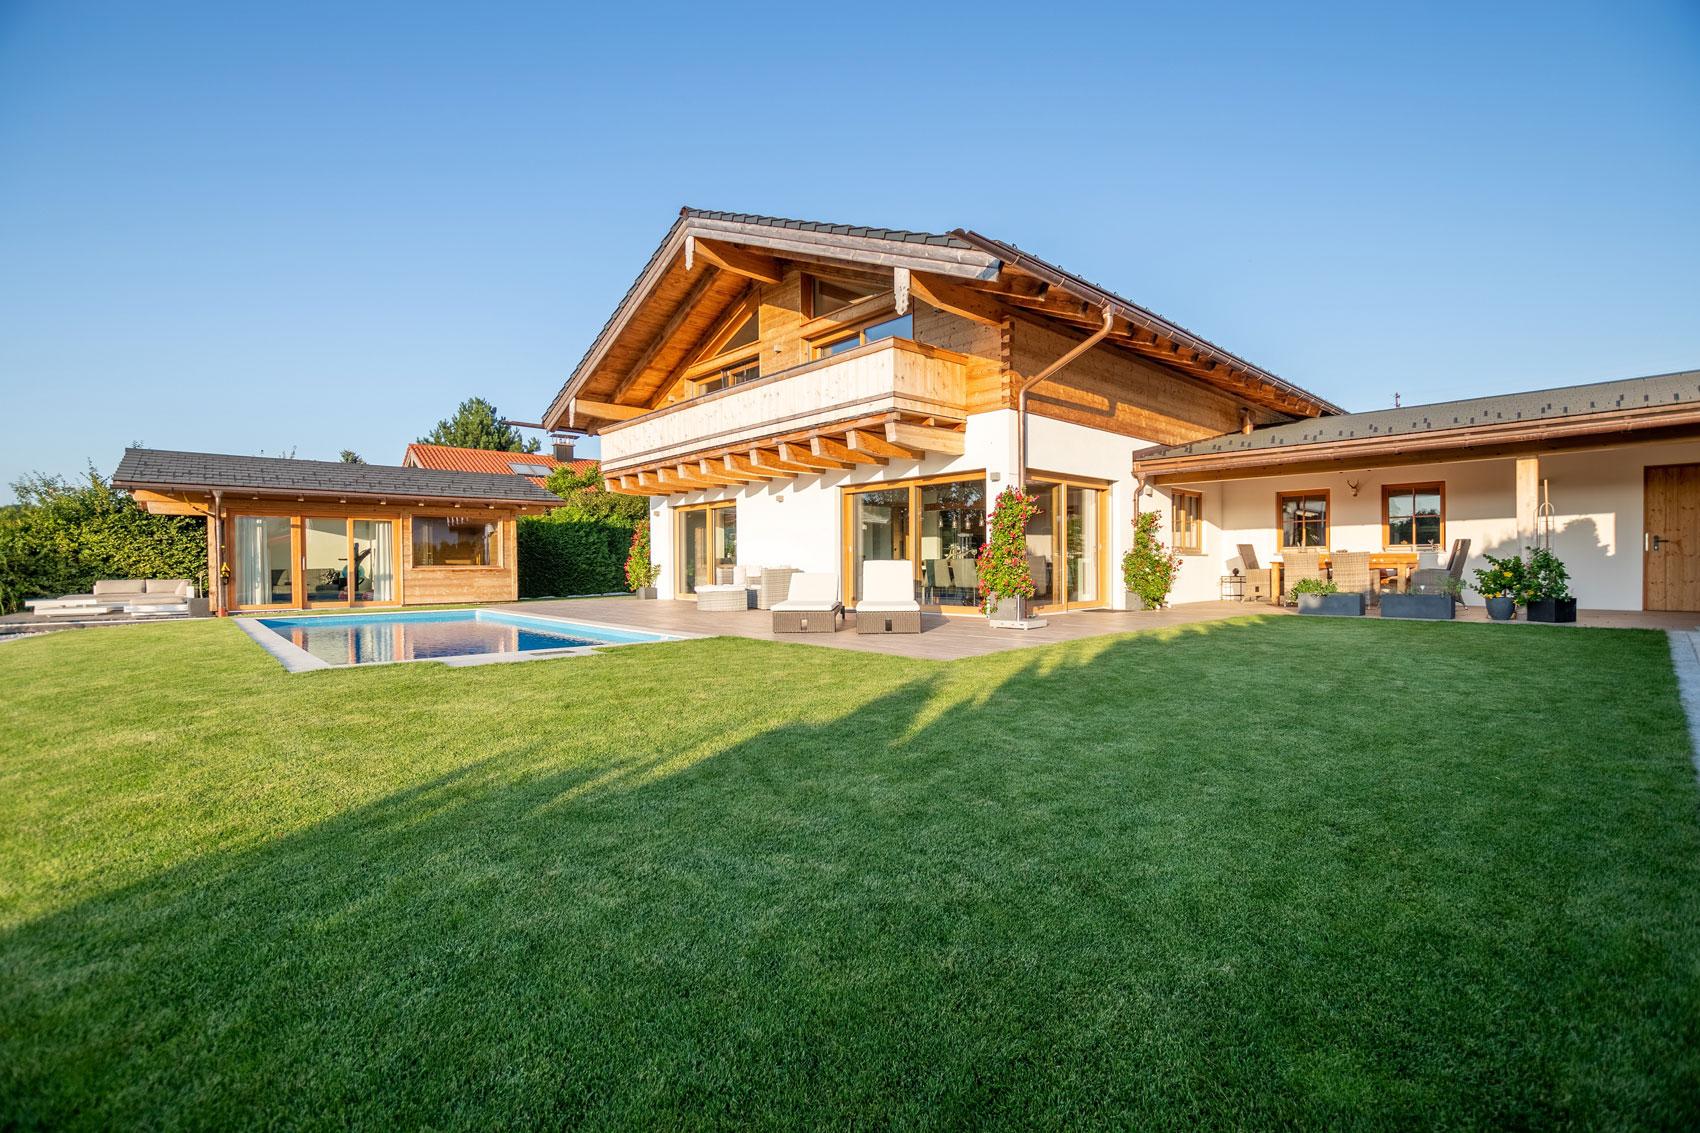 Immobilienfoto Landhaus Chiemsee